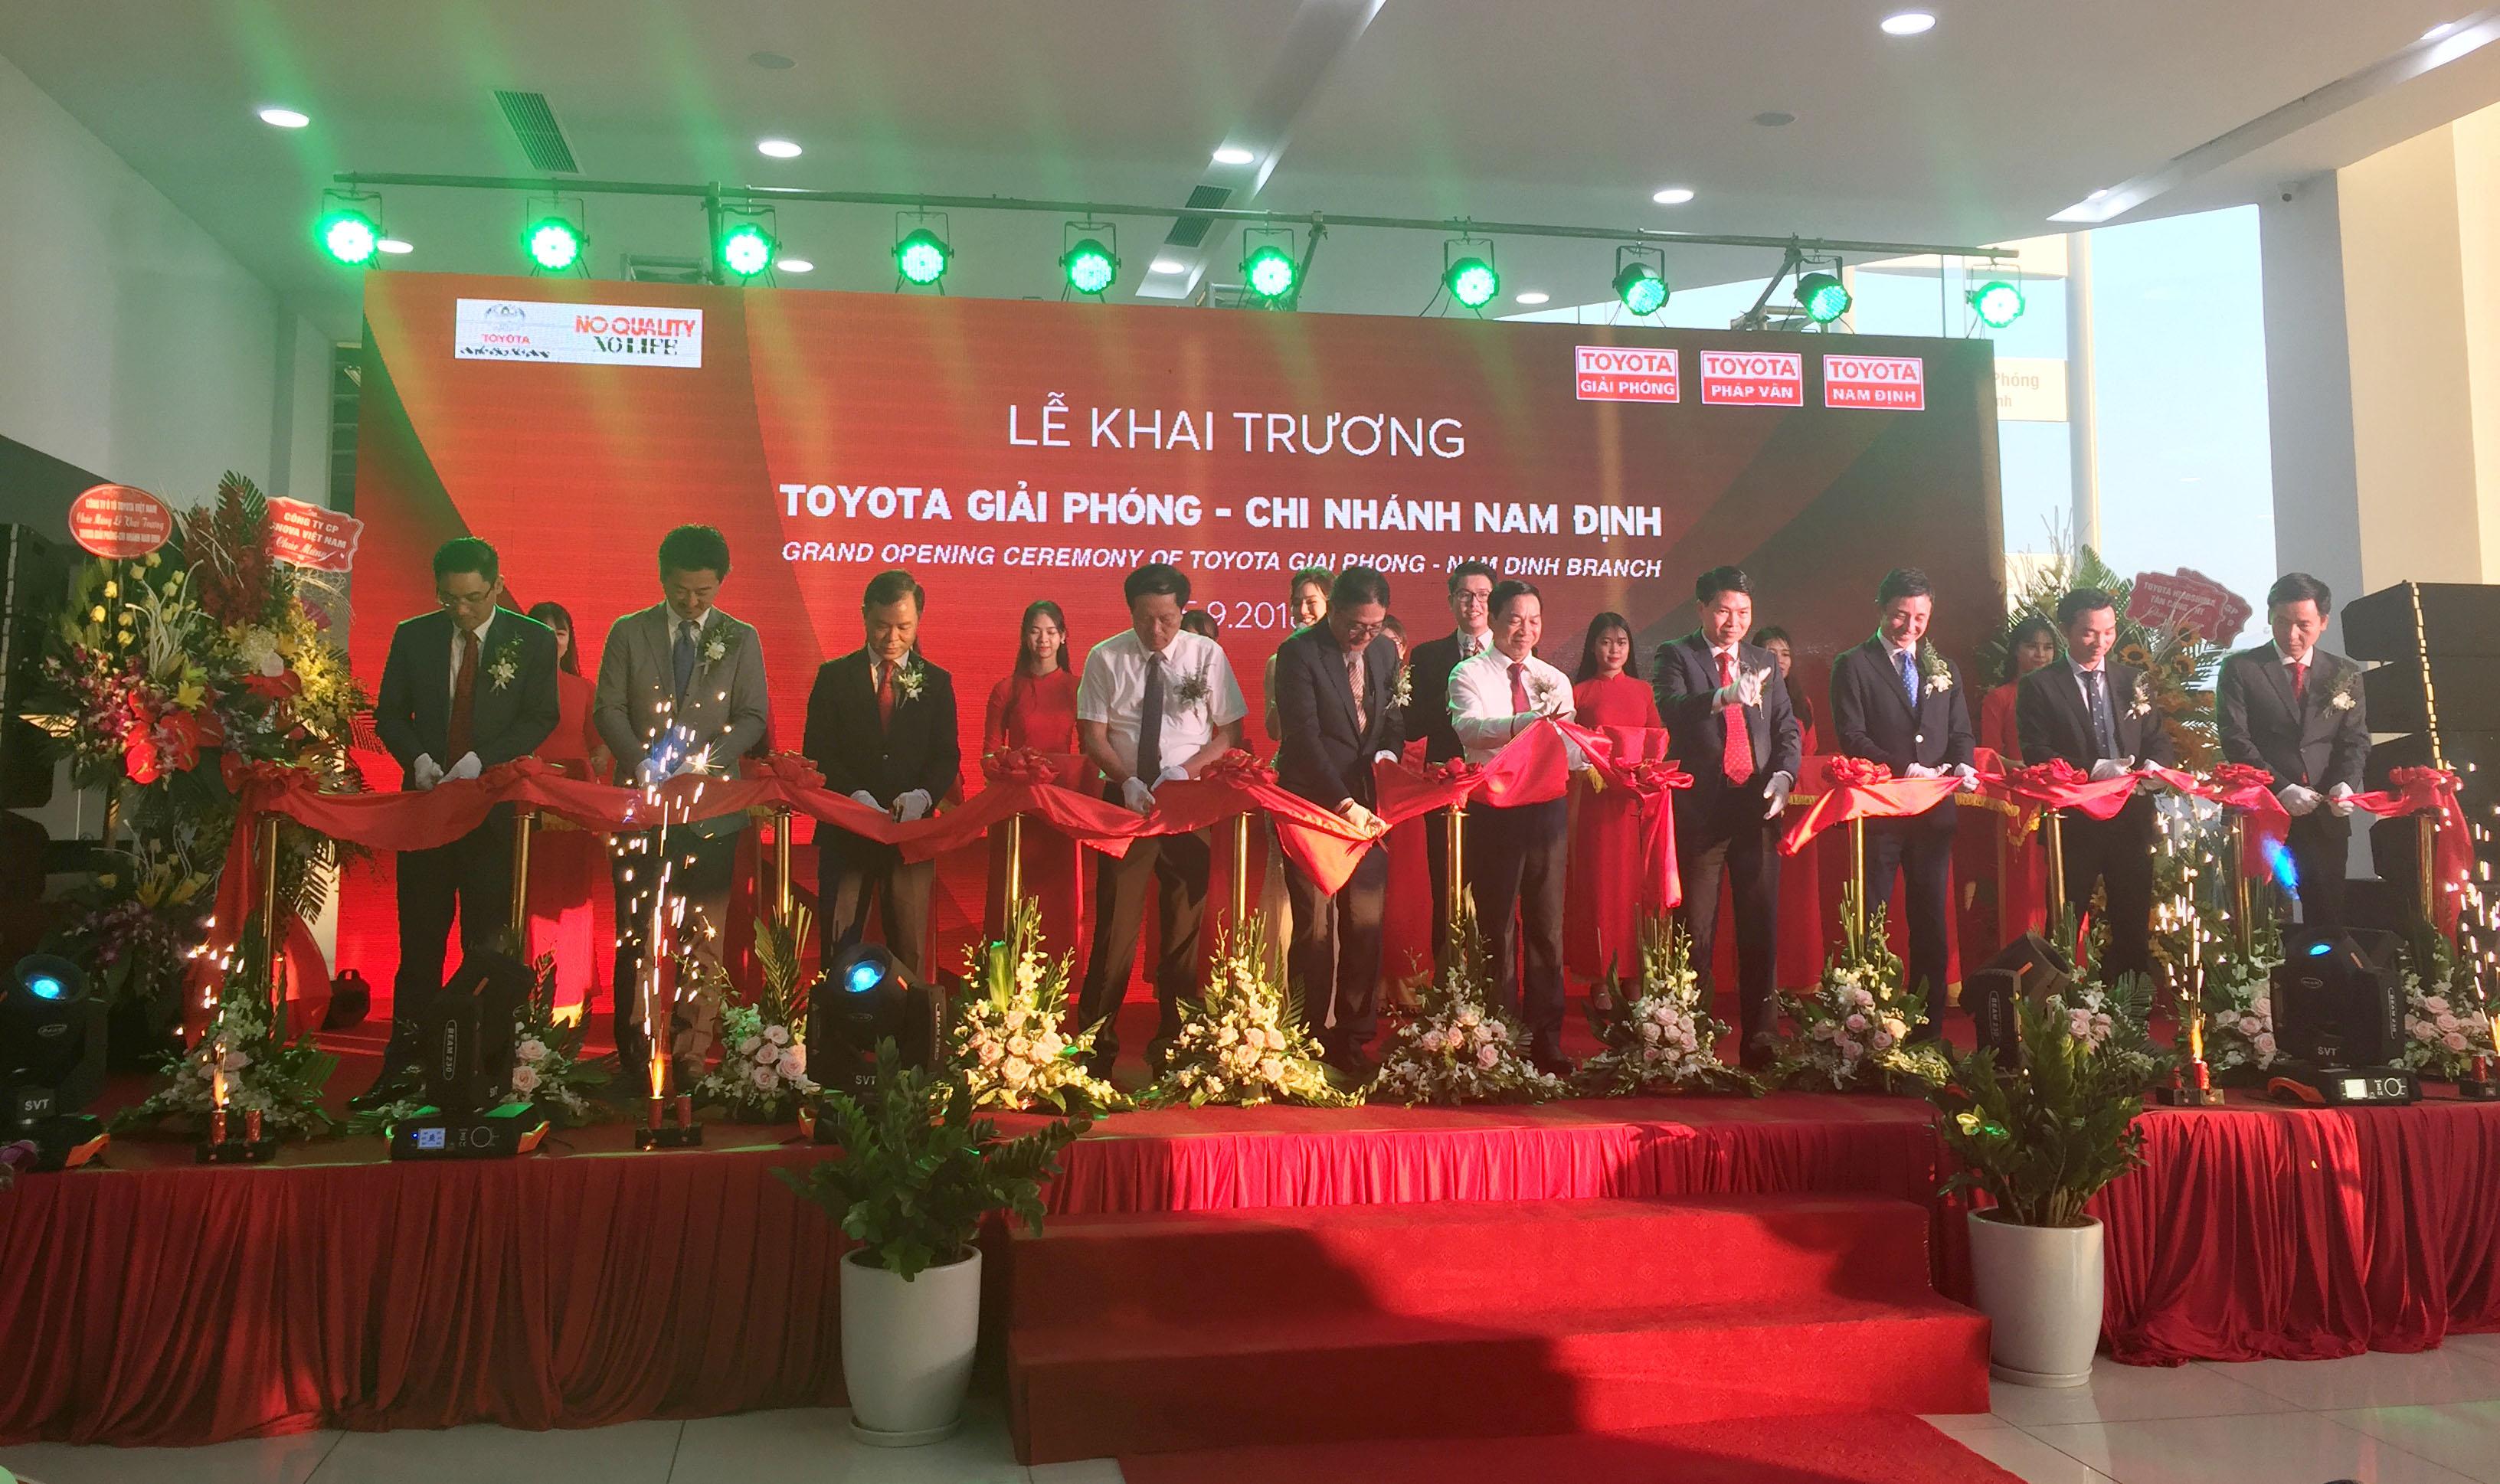 Toyota chính thức khai trương đại lý tại Nam Định